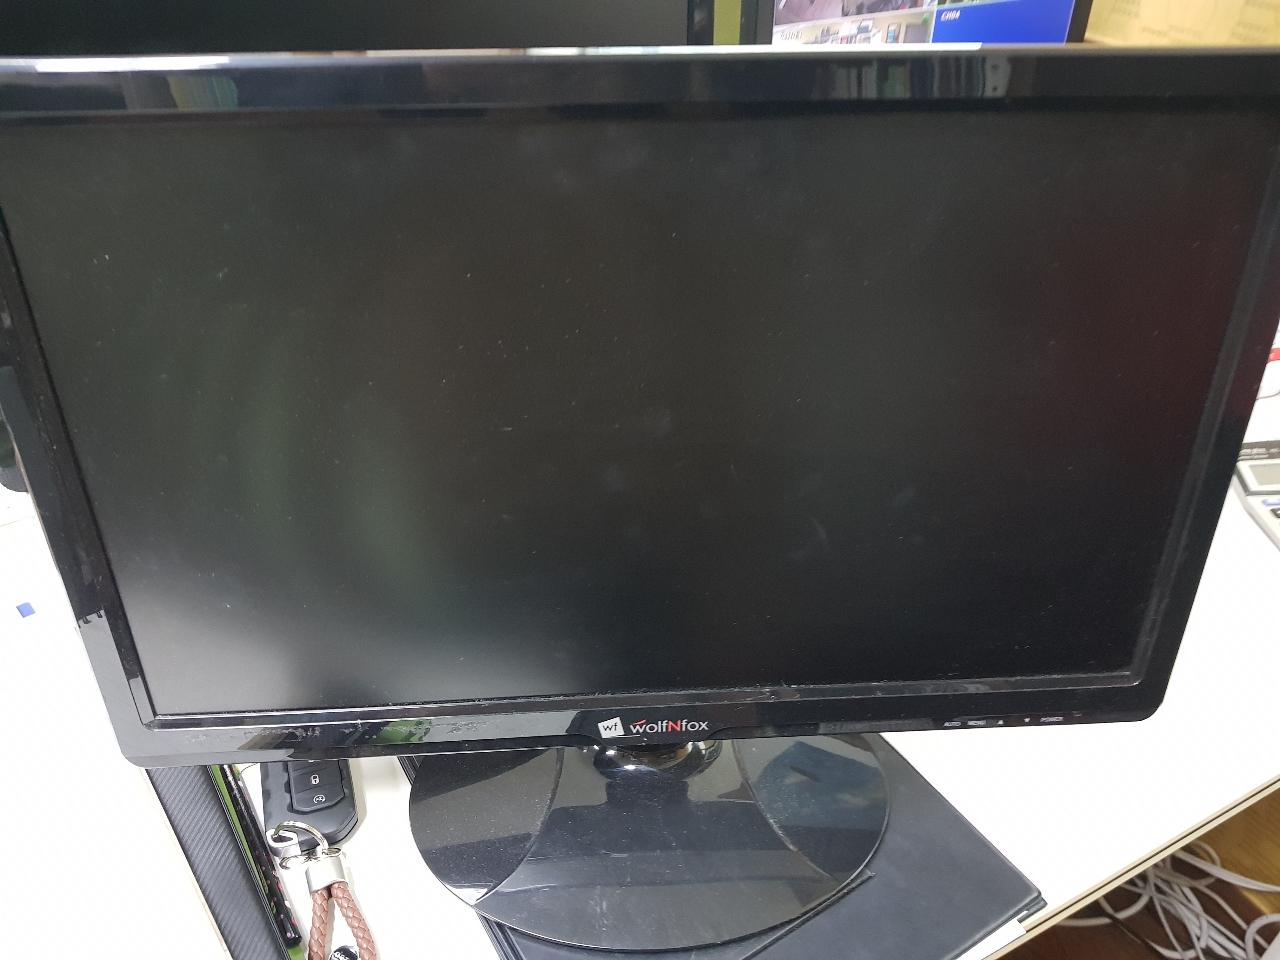 컴퓨터 모니터(늑대와컴퓨터)